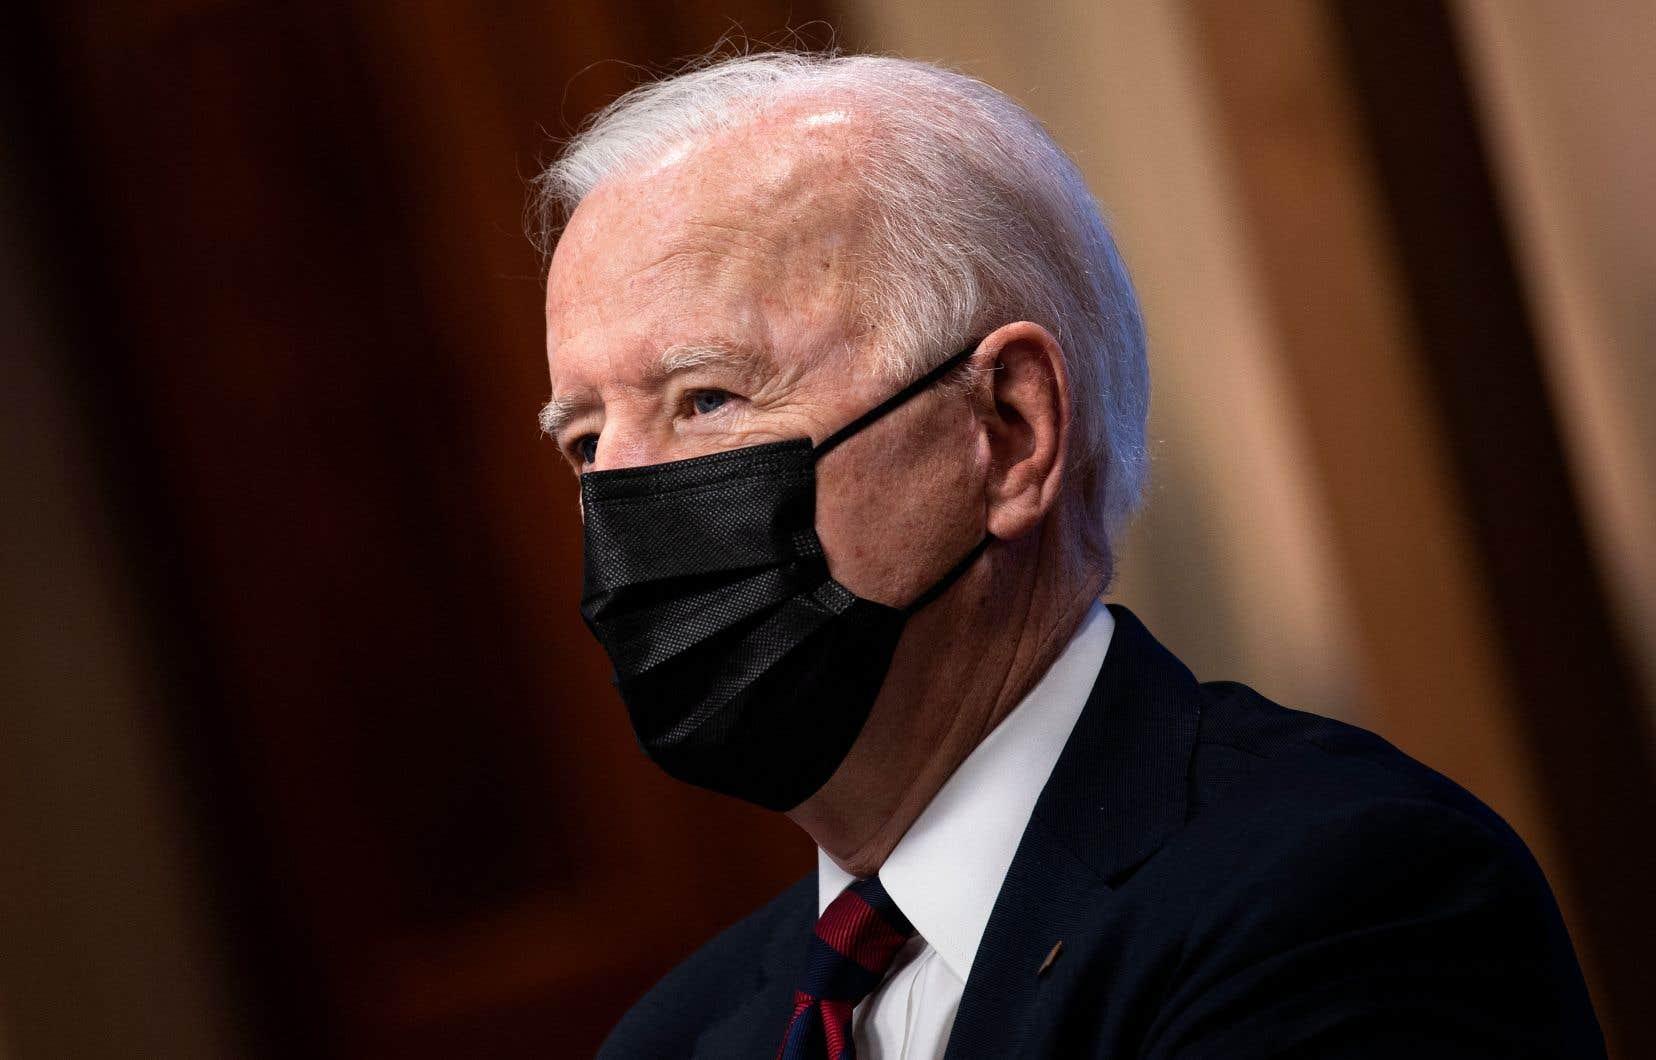 «Les Américains honorent tous les Arméniens ayant péri dans le génocide qui a commencé il y a 106ans aujourd'hui», a écrit Joe Biden dans un communiqué.